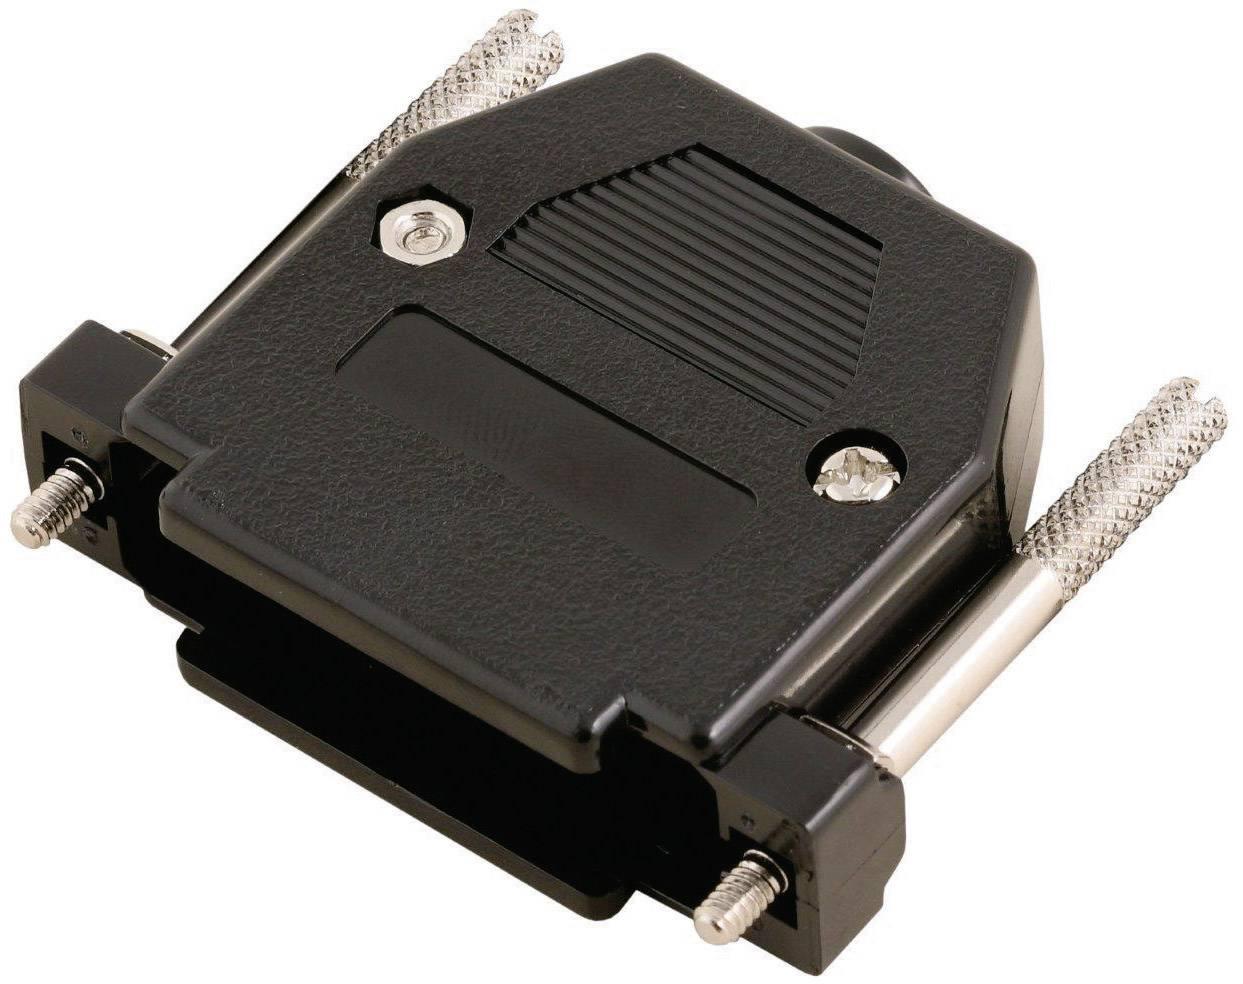 D-SUB púzdro MH Connectors 2360-0102-21 2360-0102-21, počet pinov: 9, plast, 180 °, čierna, 1 ks